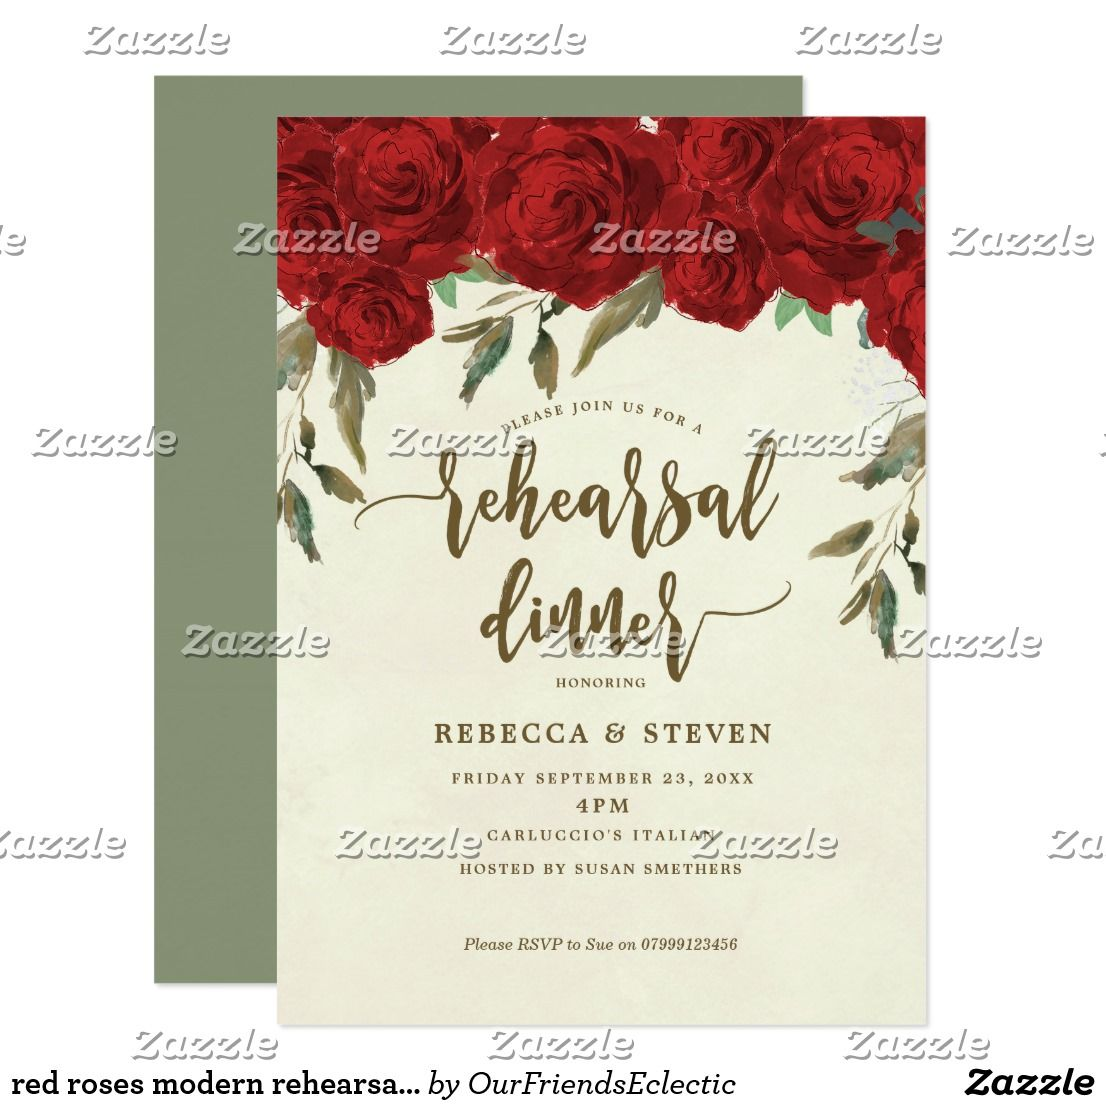 Red roses modern rehearsal dinner invitation | Rehearsal dinner ...